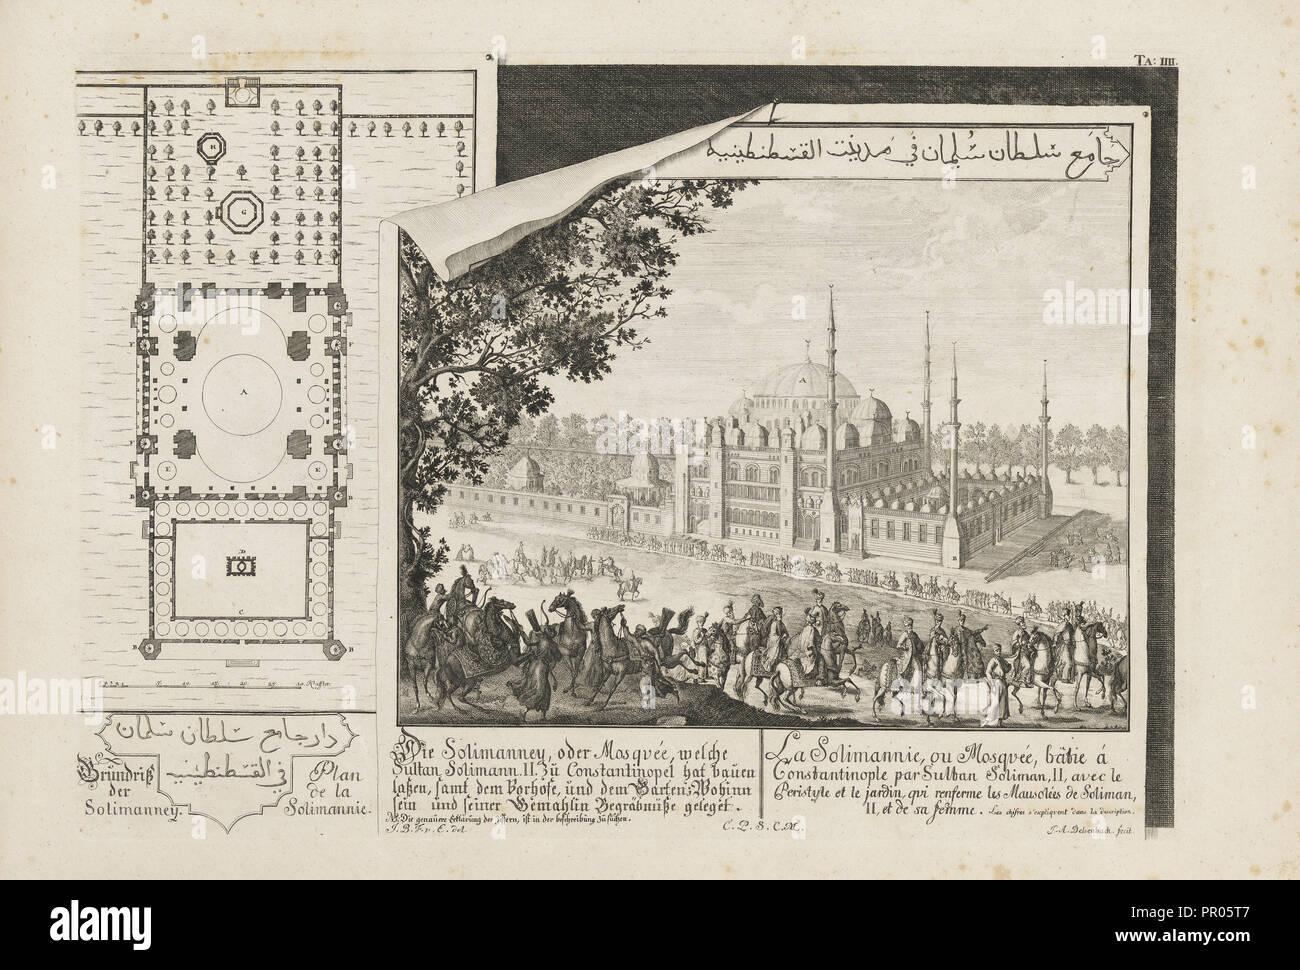 Solimanney sterben, oder Mosquée, welche Sultan Solimann II zu Constantinopel hat bauen lassen, Entwurff einer historischen Stockbild